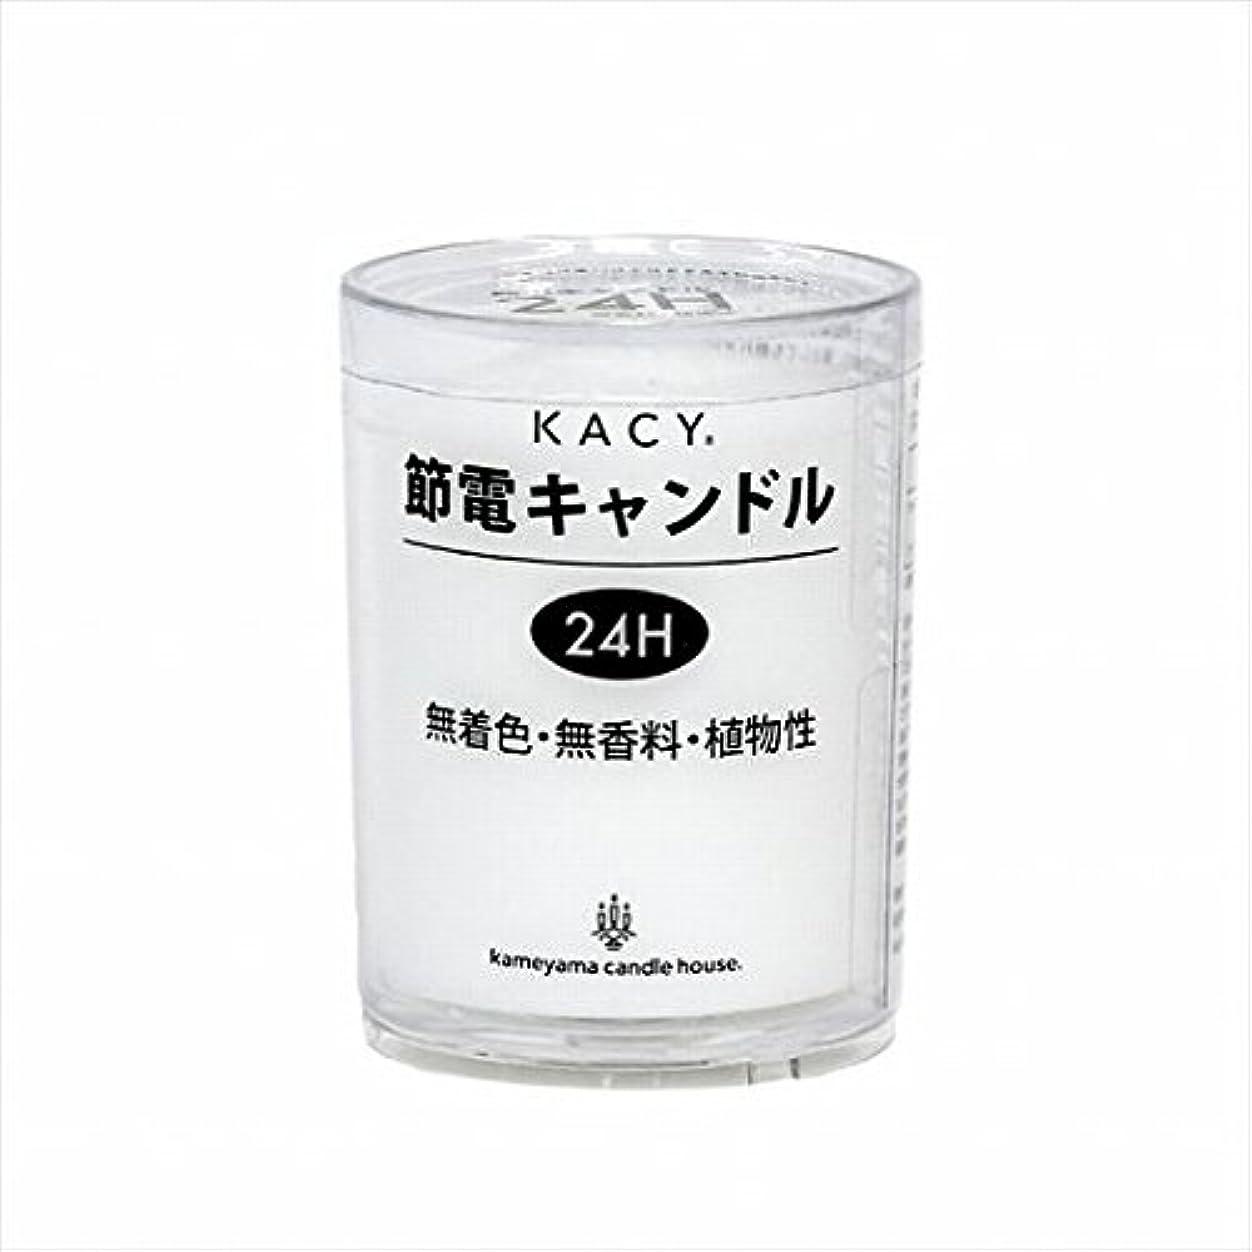 傷跡舞い上がる危険なカメヤマキャンドル(kameyama candle) 節電キャンドル 24時間タイプ 「 クリア 」